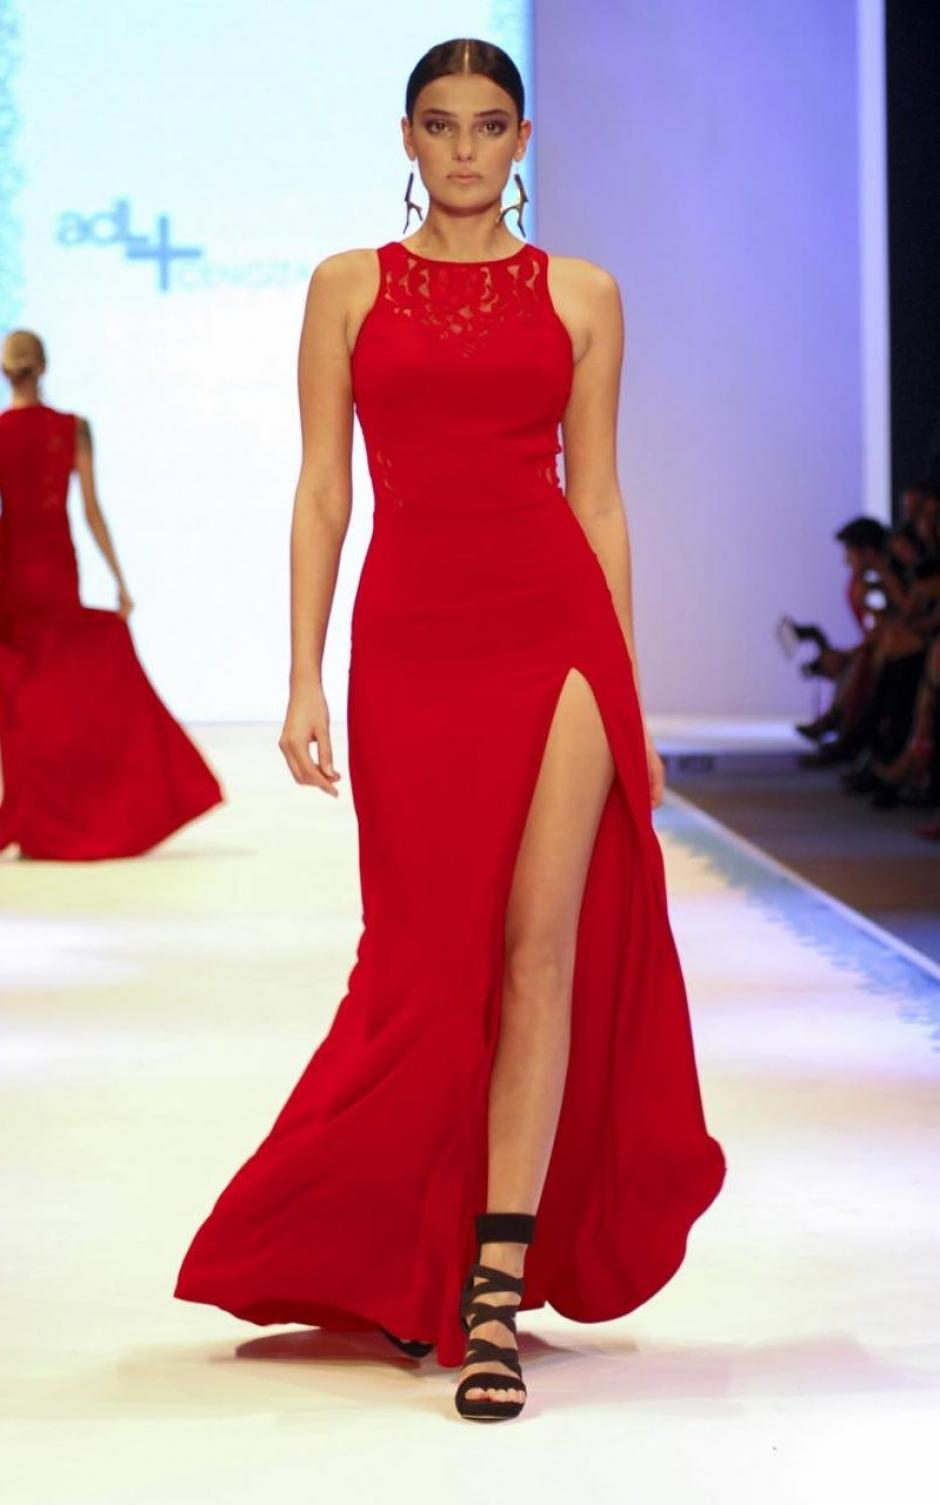 Merve Büyüksaraç, Miss Turquía 2006 fue condenada a año y medio de cárcel. (Foto: Telegraph)